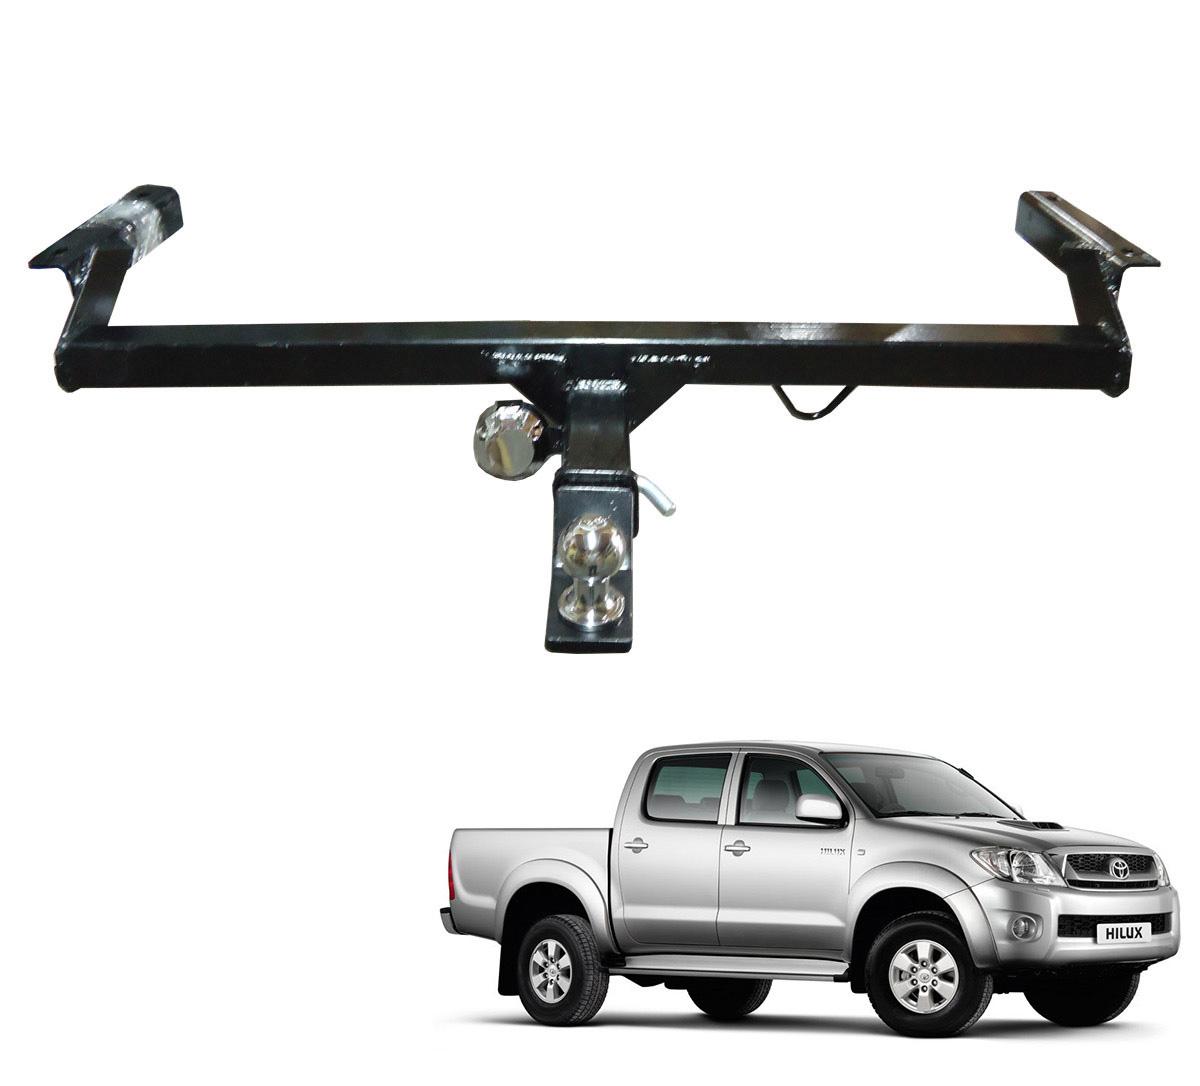 Engate de reboque Hilux 2005 a 2015 SRV removível 1000 Kg